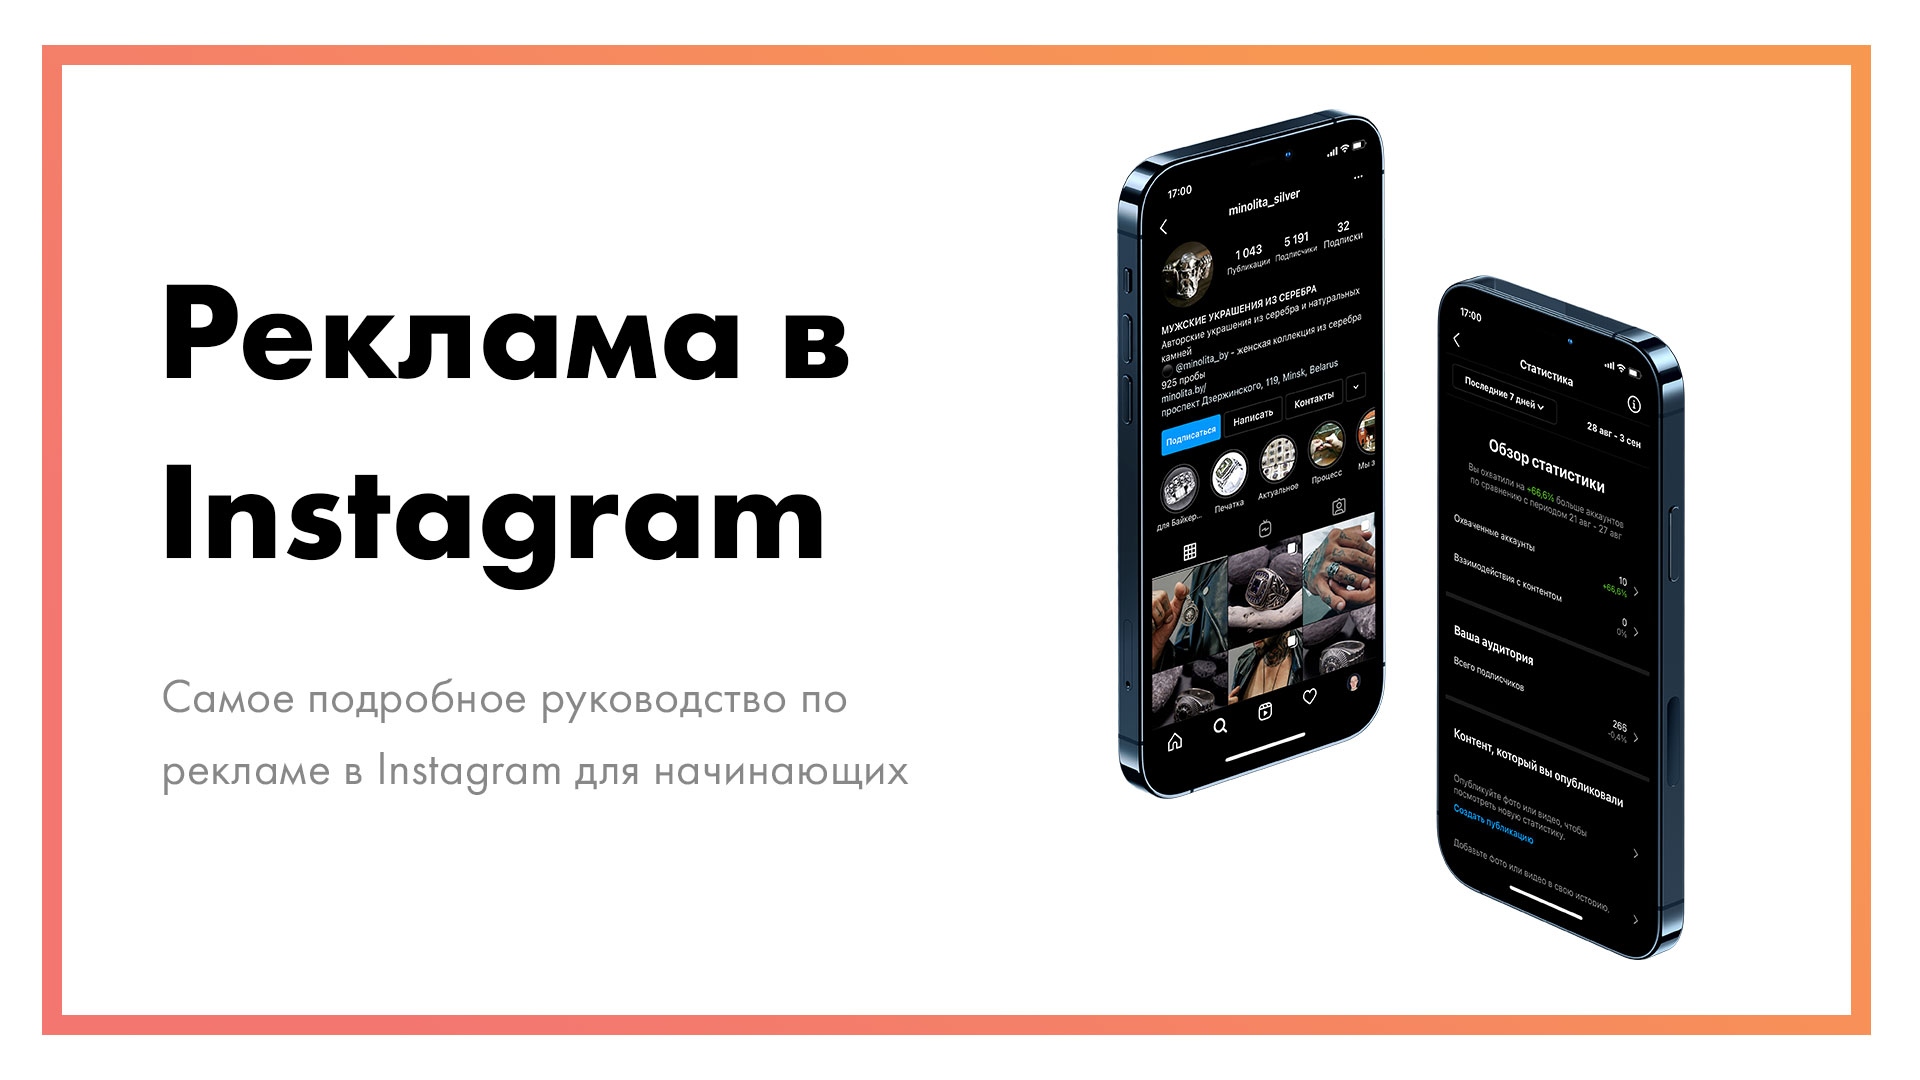 Реклама-в-Instagram-–-самое-подробное-руководство-для-начинающих.jpg